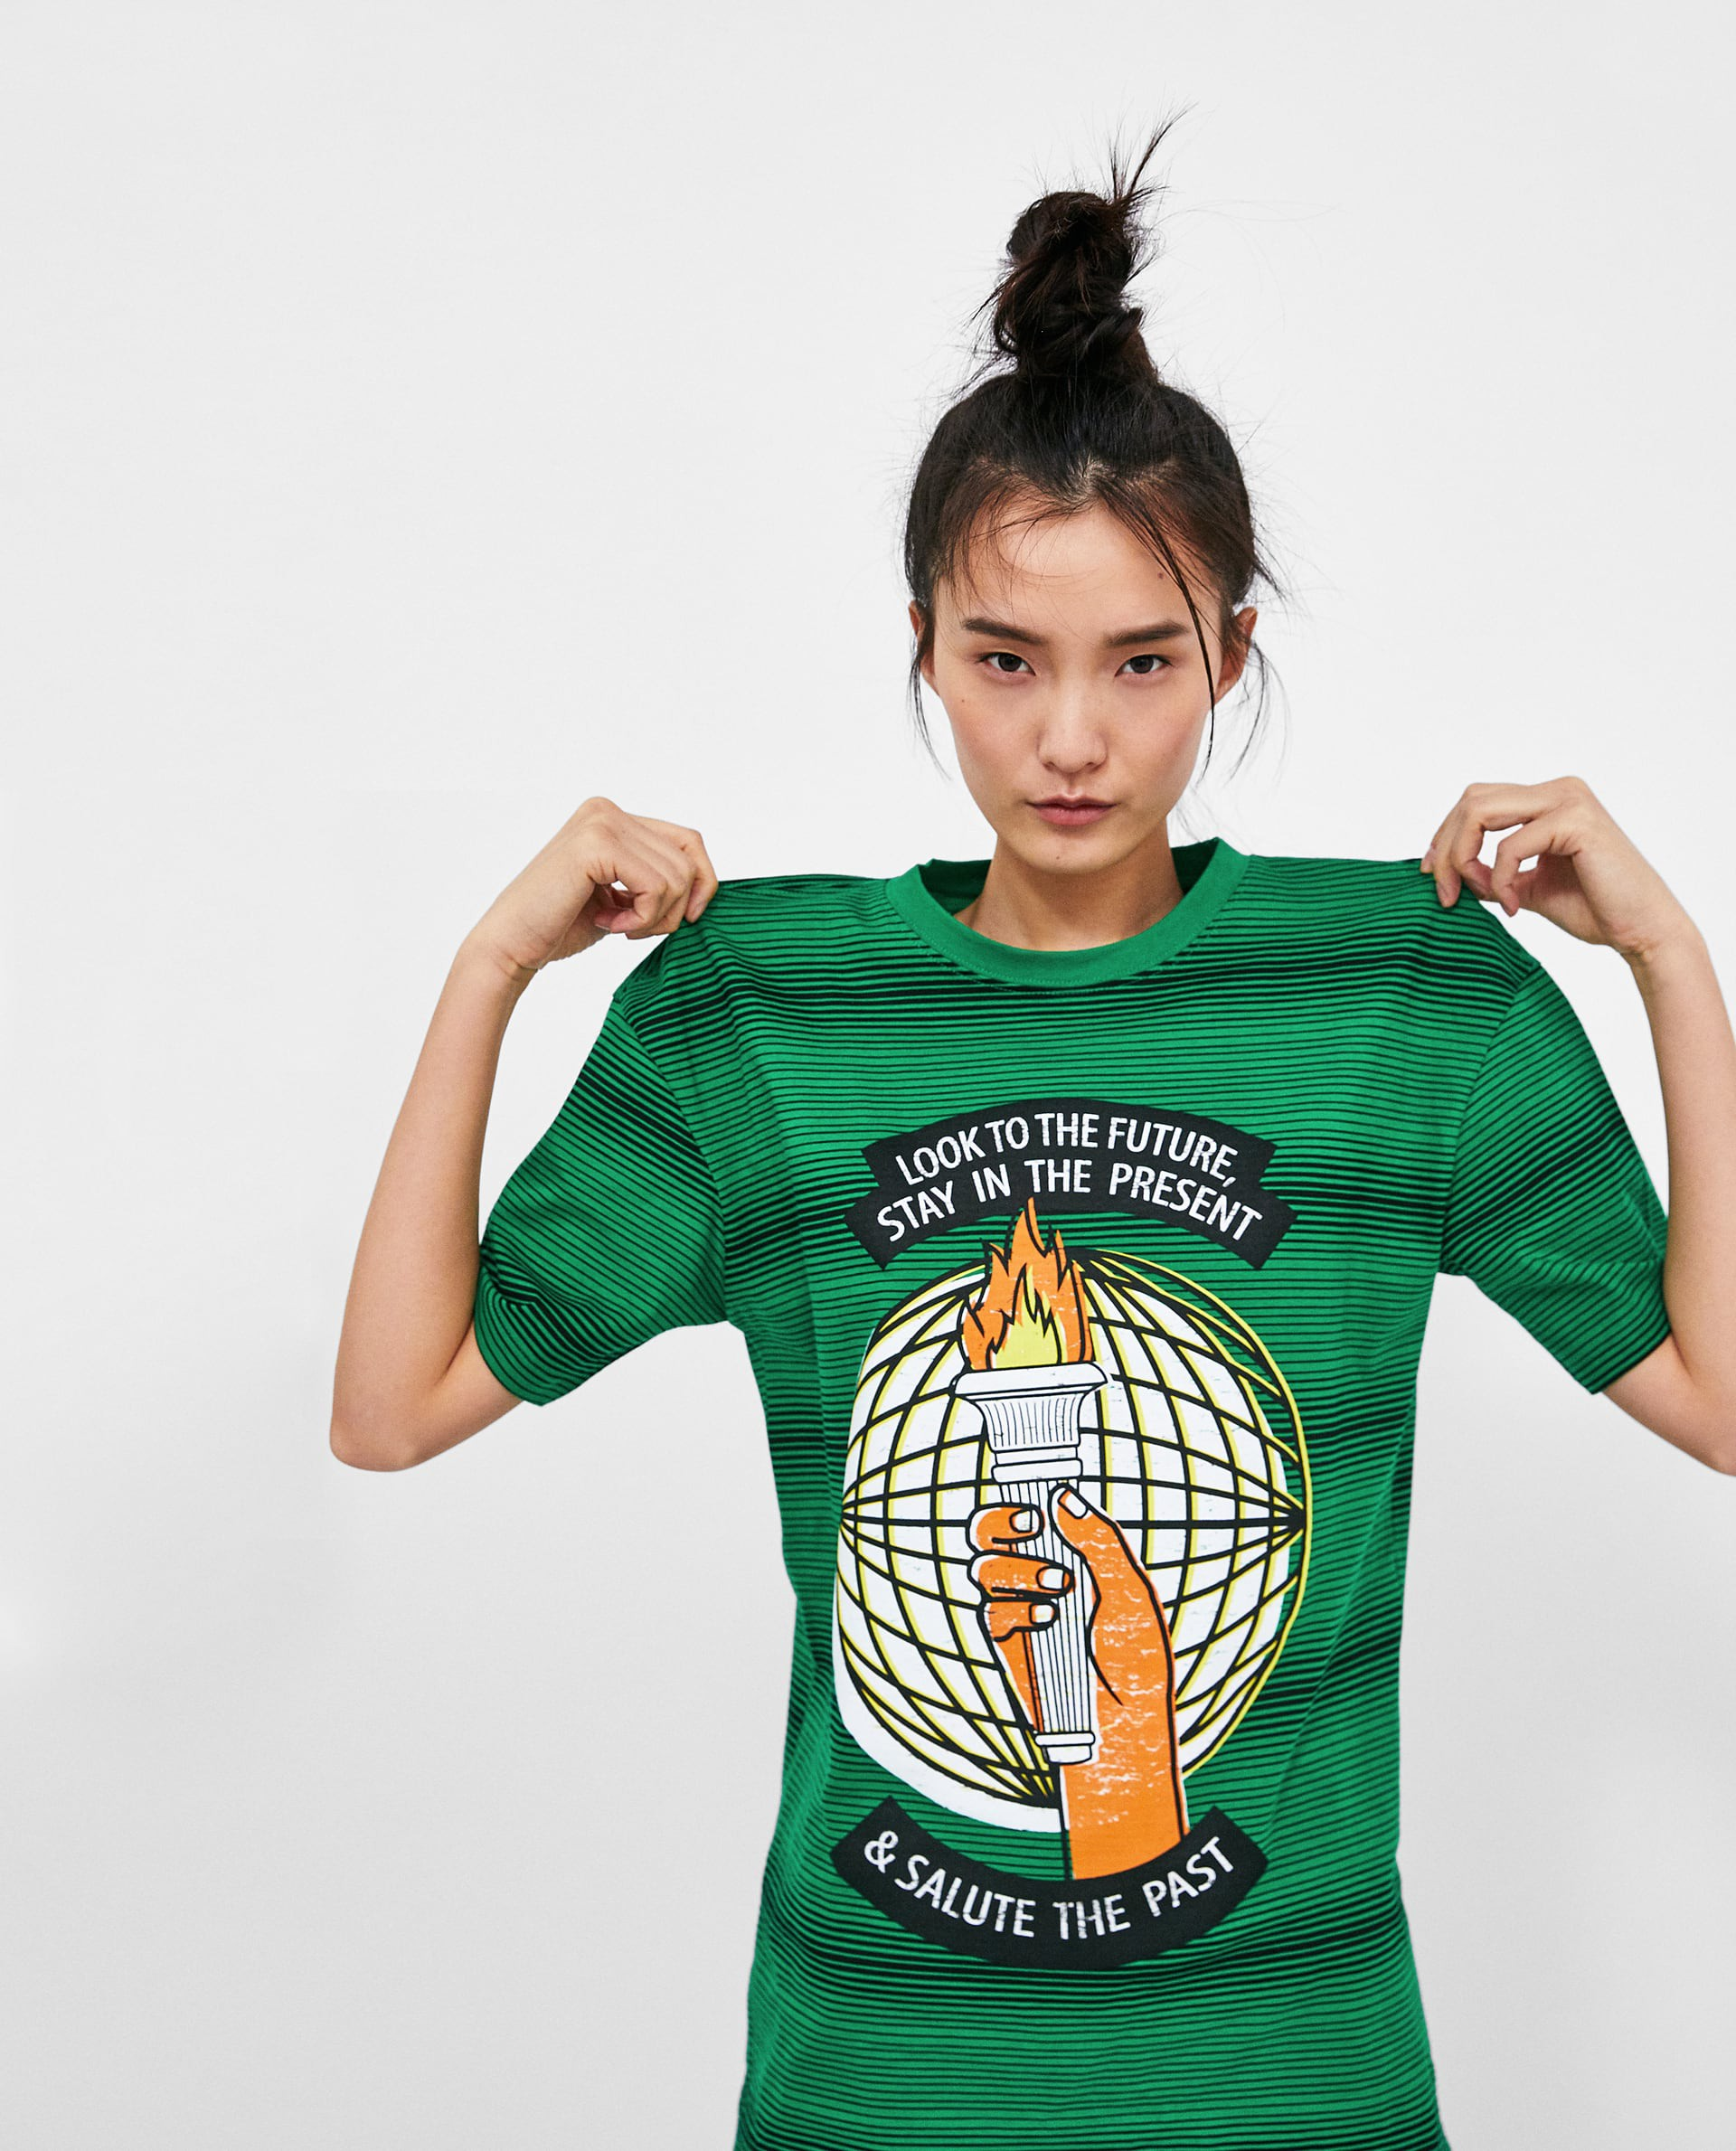 Thích áo phông, mặc nhiều là thế nhưng bạn có biết cách giữ cho chiếc áo của mình bền đẹp như mới - Ảnh 7.